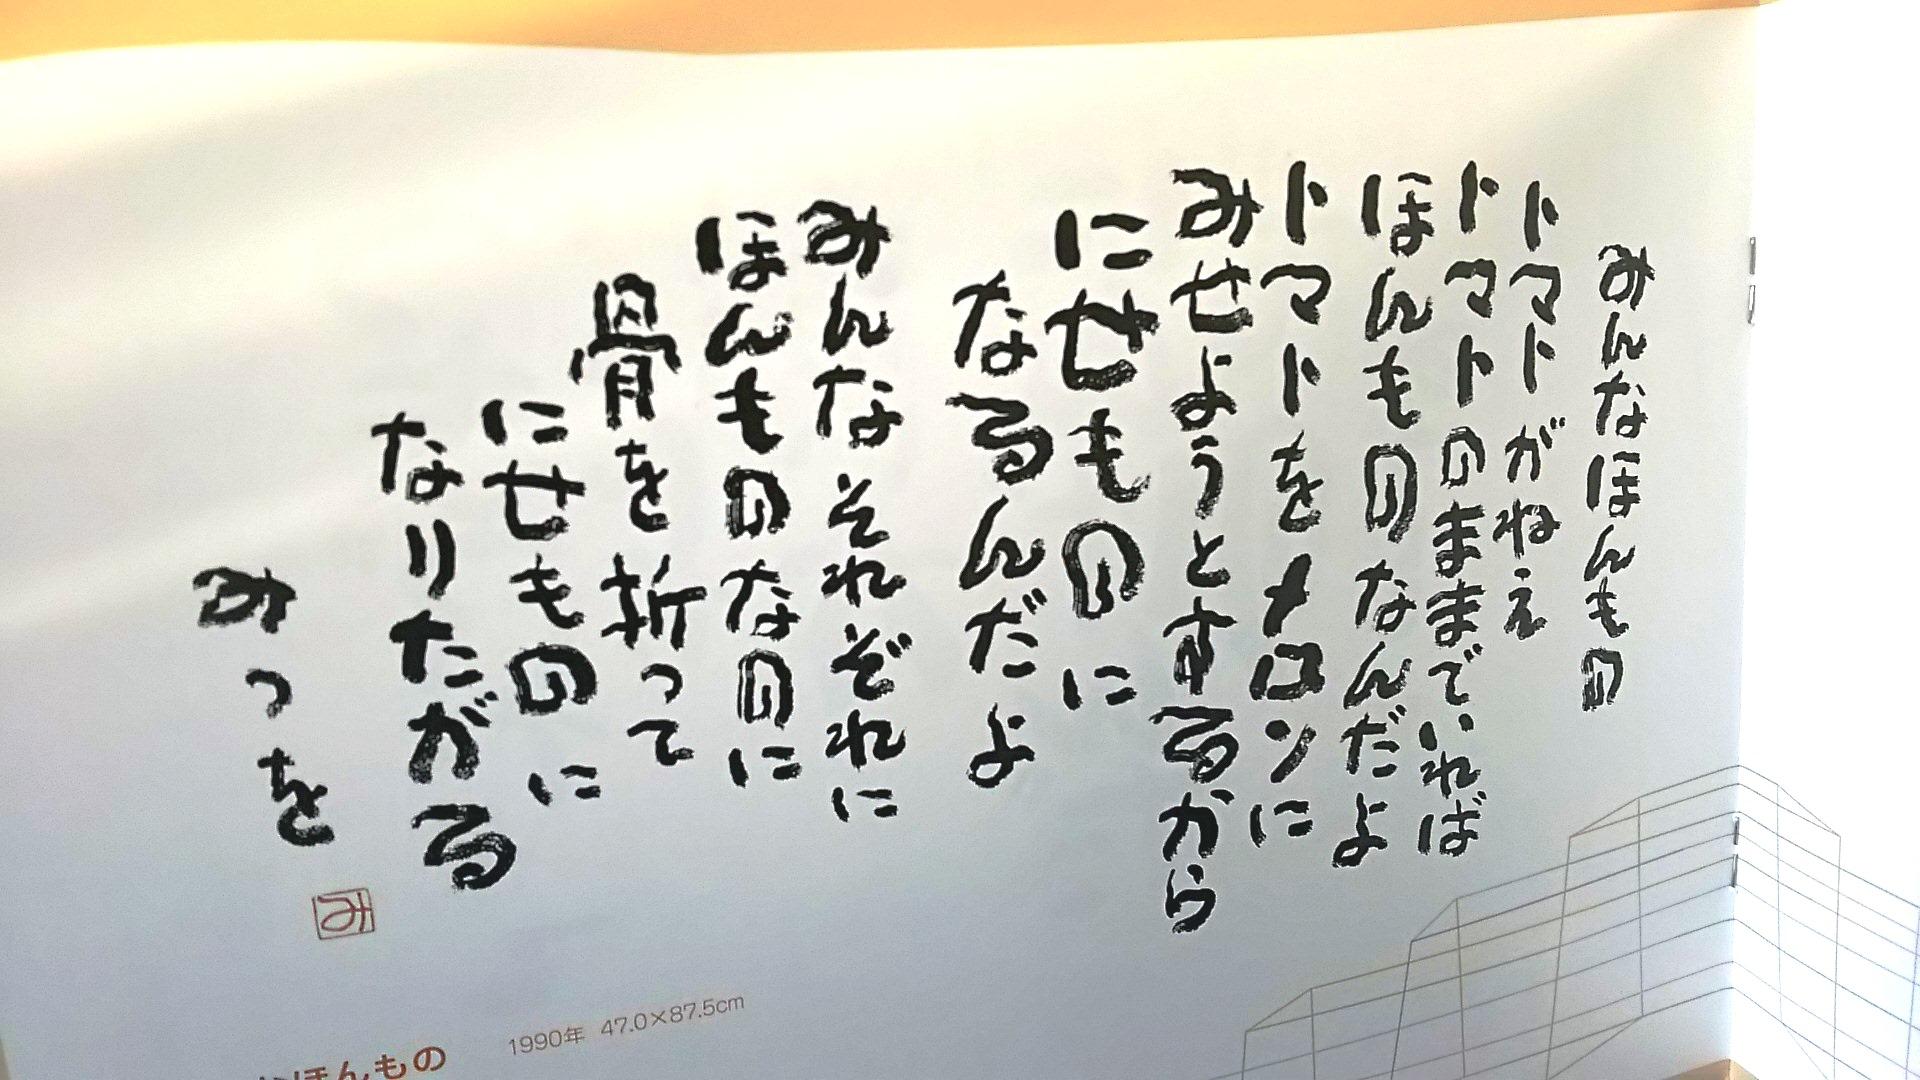 相田みつを展 In 熊野 ブログ 公式サイト 東広島さいき葬祭